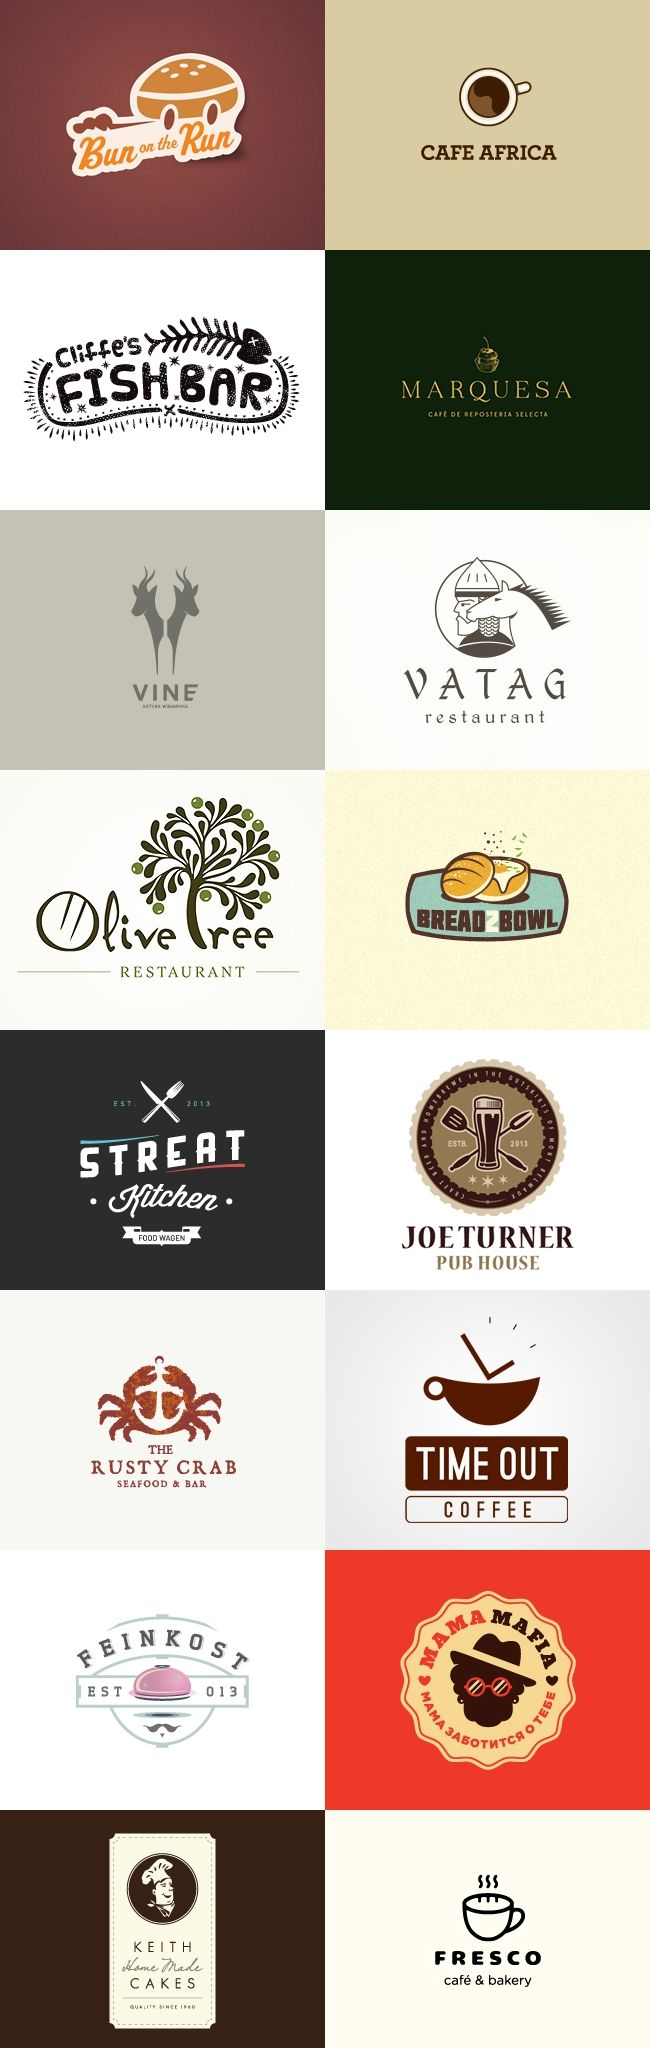 grafiker.de - Logo-Inspiration: Gastronomie Teil 5